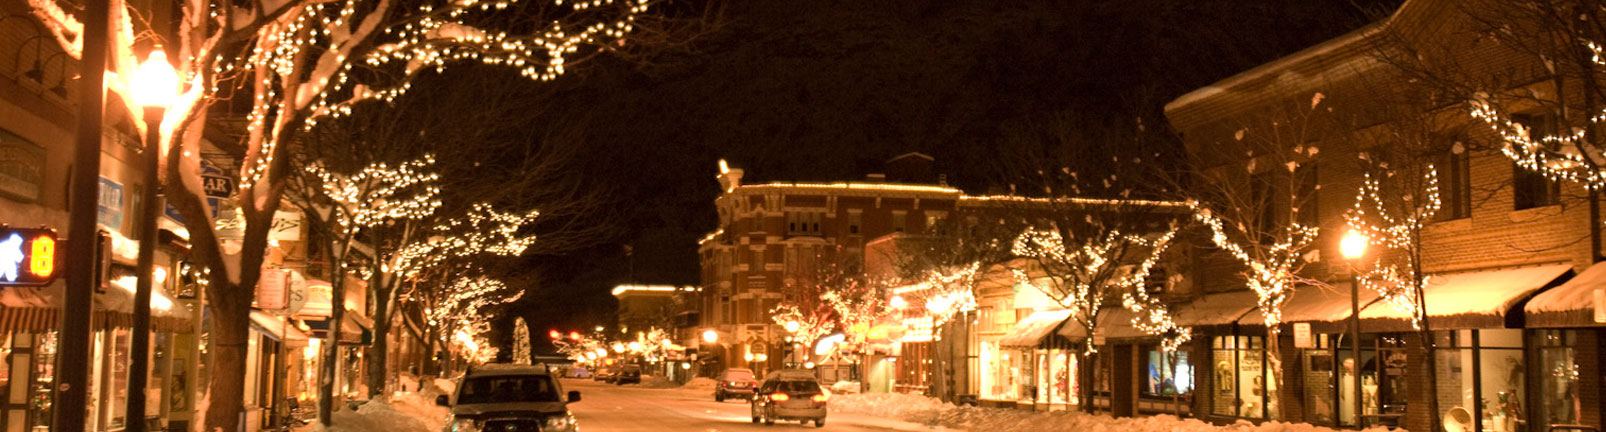 durango main street